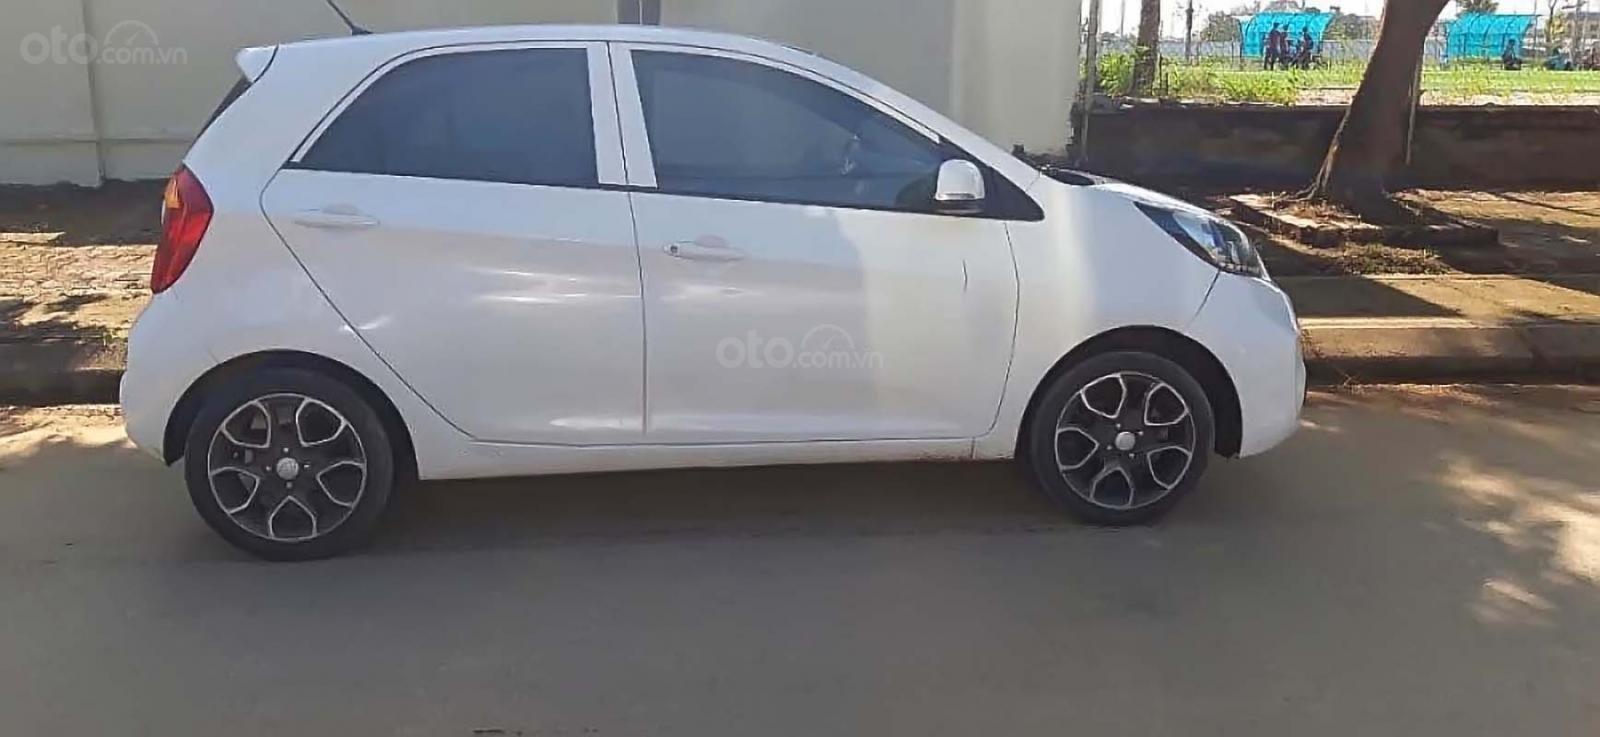 Bán ô tô Kia Morning năm 2014, màu trắng (1)